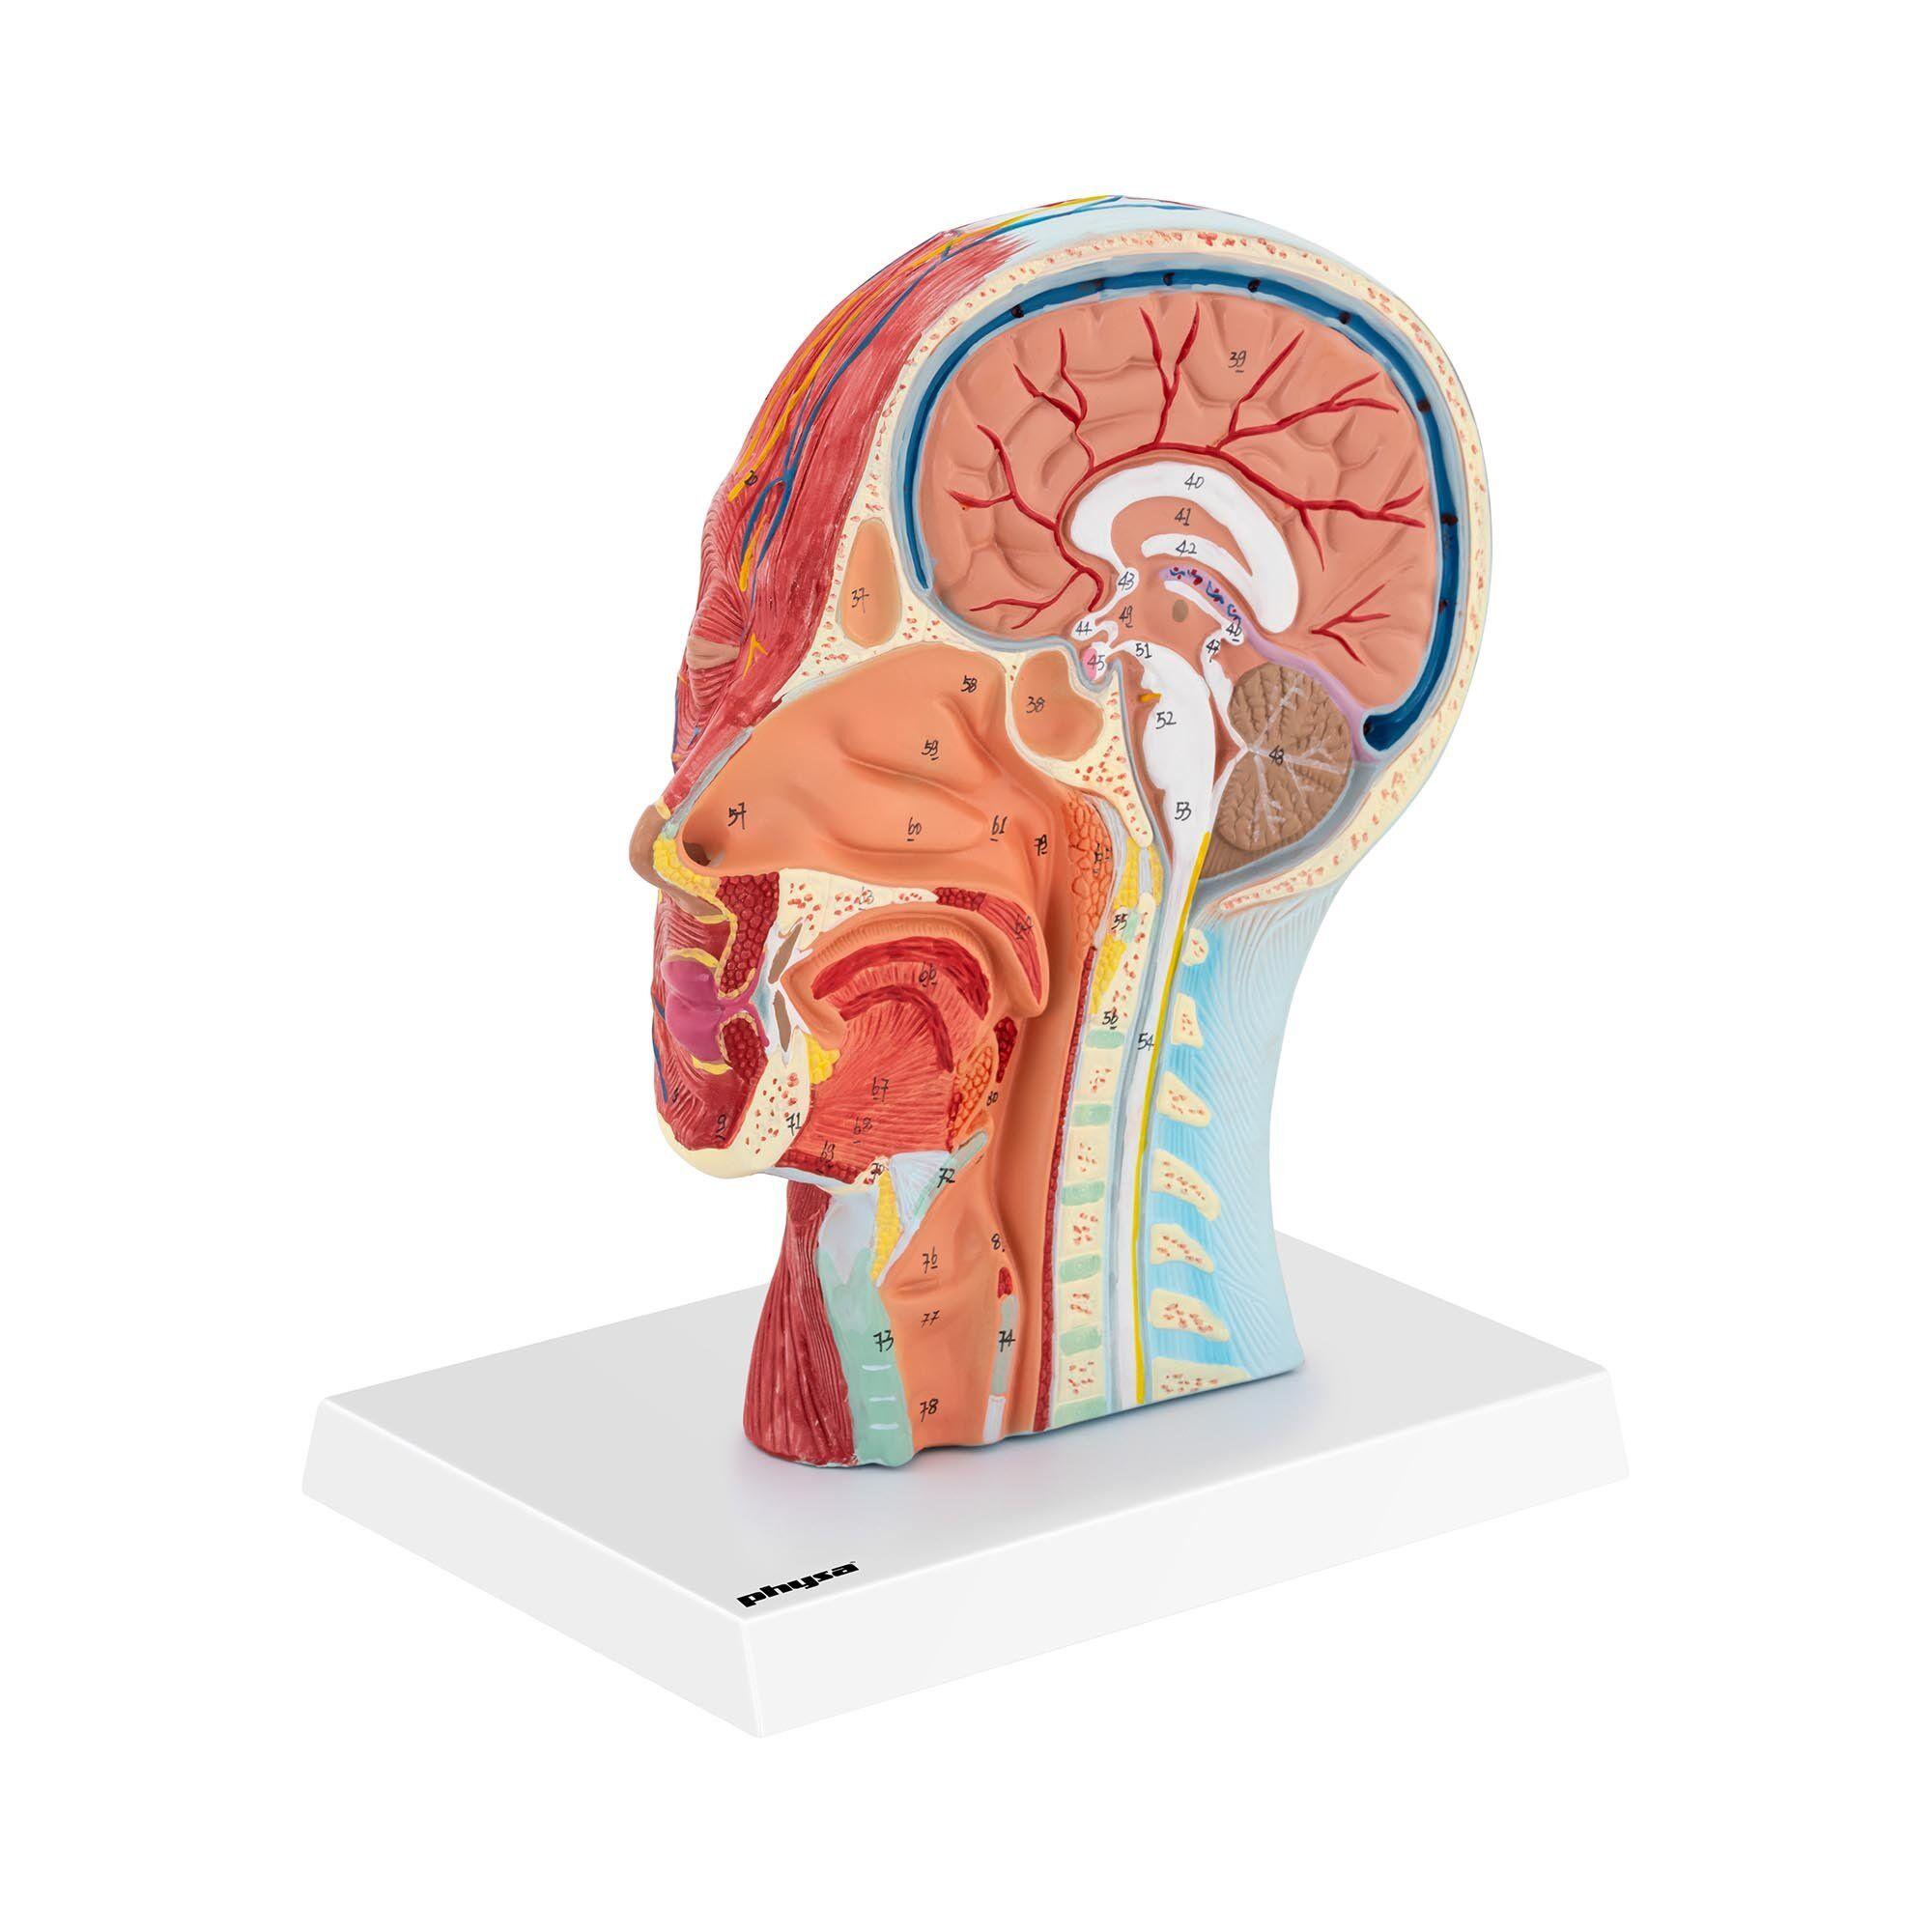 physa Maquette anatomique de la tête et du cou - Coupe médiane - Grandeur nature PHY-HM-4